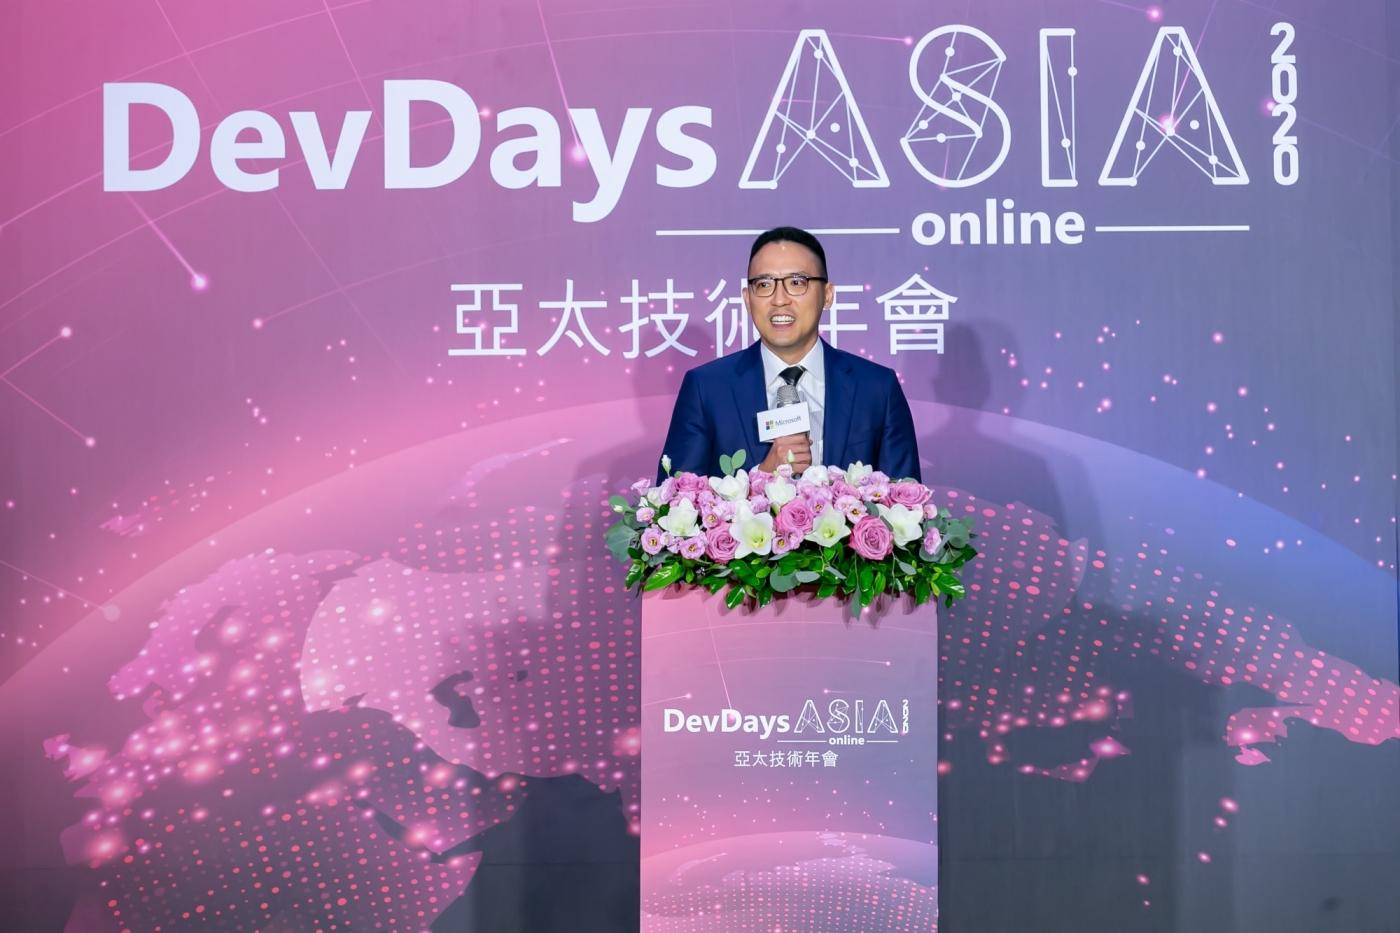 微軟、經濟部宣佈成立「物聯網卓越中心」,運用AI、5G技術拼百億產值